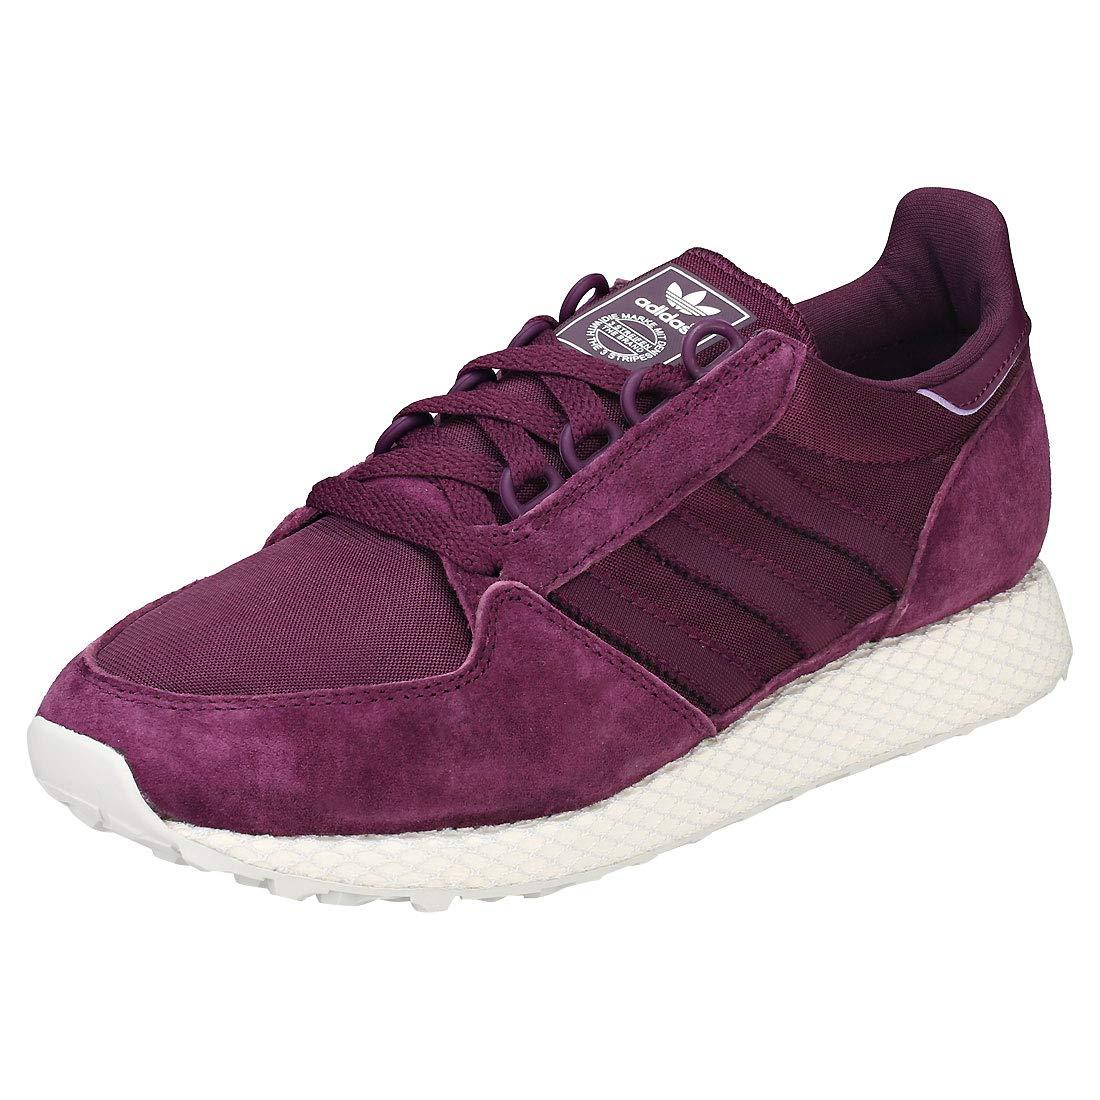 Adidas Forest Grove W, Zapatillas de Deporte para Mujer, (Sésamo/Blanub/Negbás 000), 36 2/3 EU: Amazon.es: Zapatos y complementos